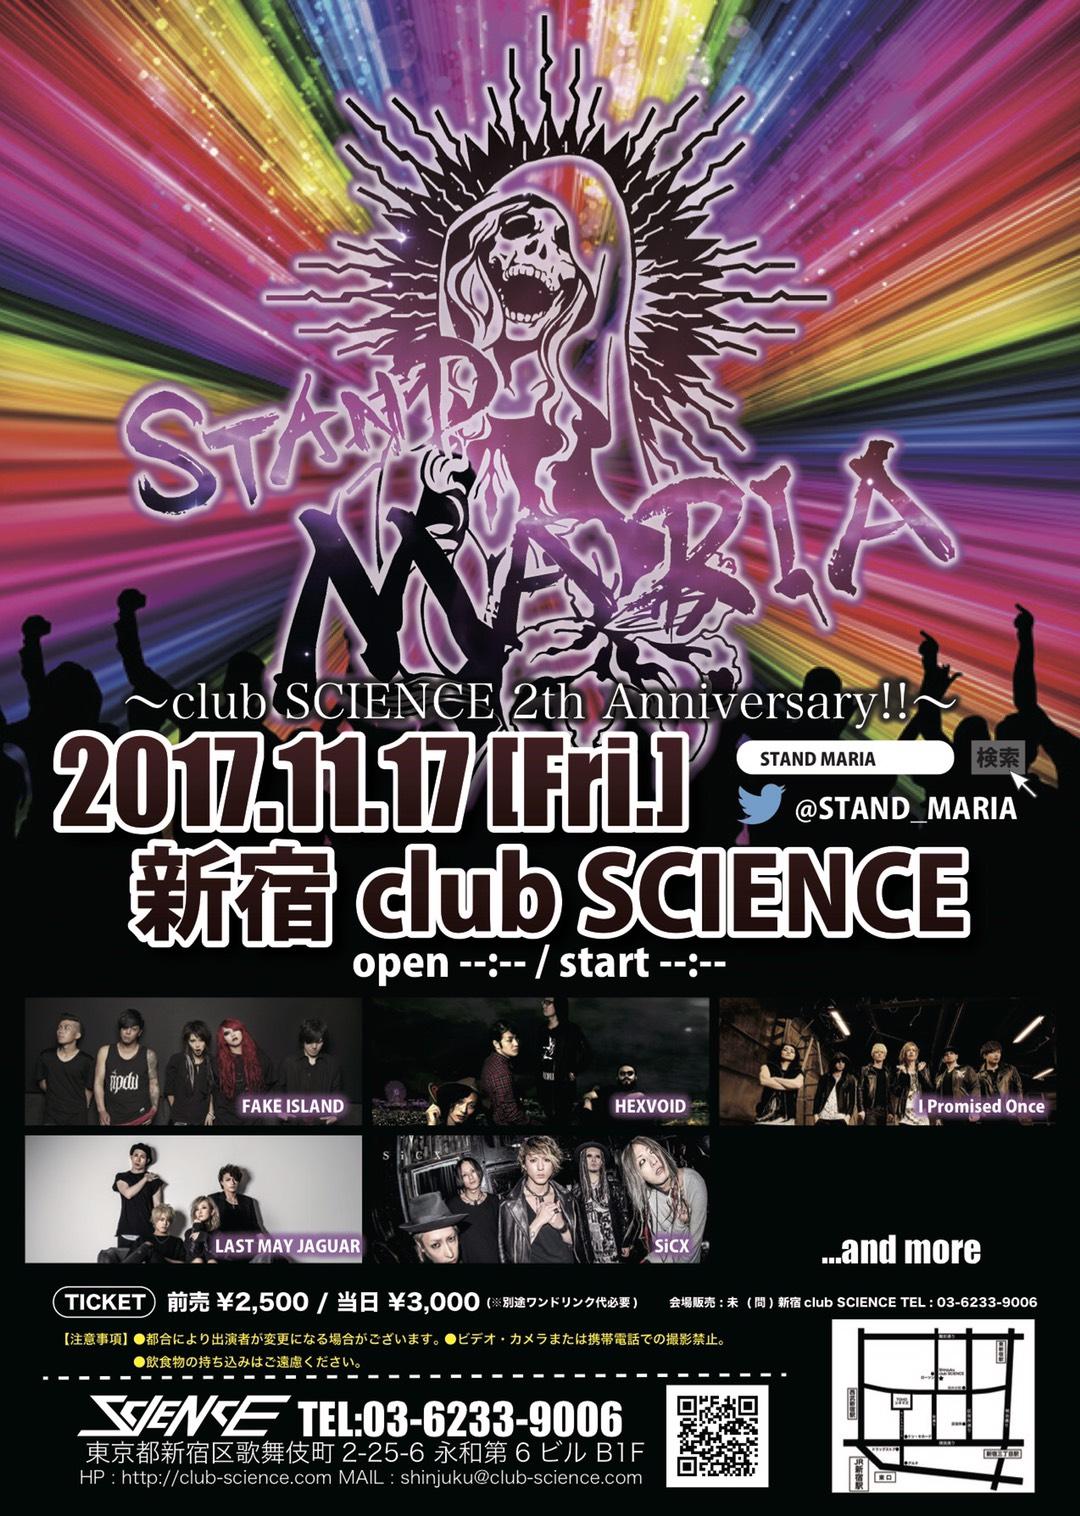 2017.11.17(fri) 新宿club SCIENCE